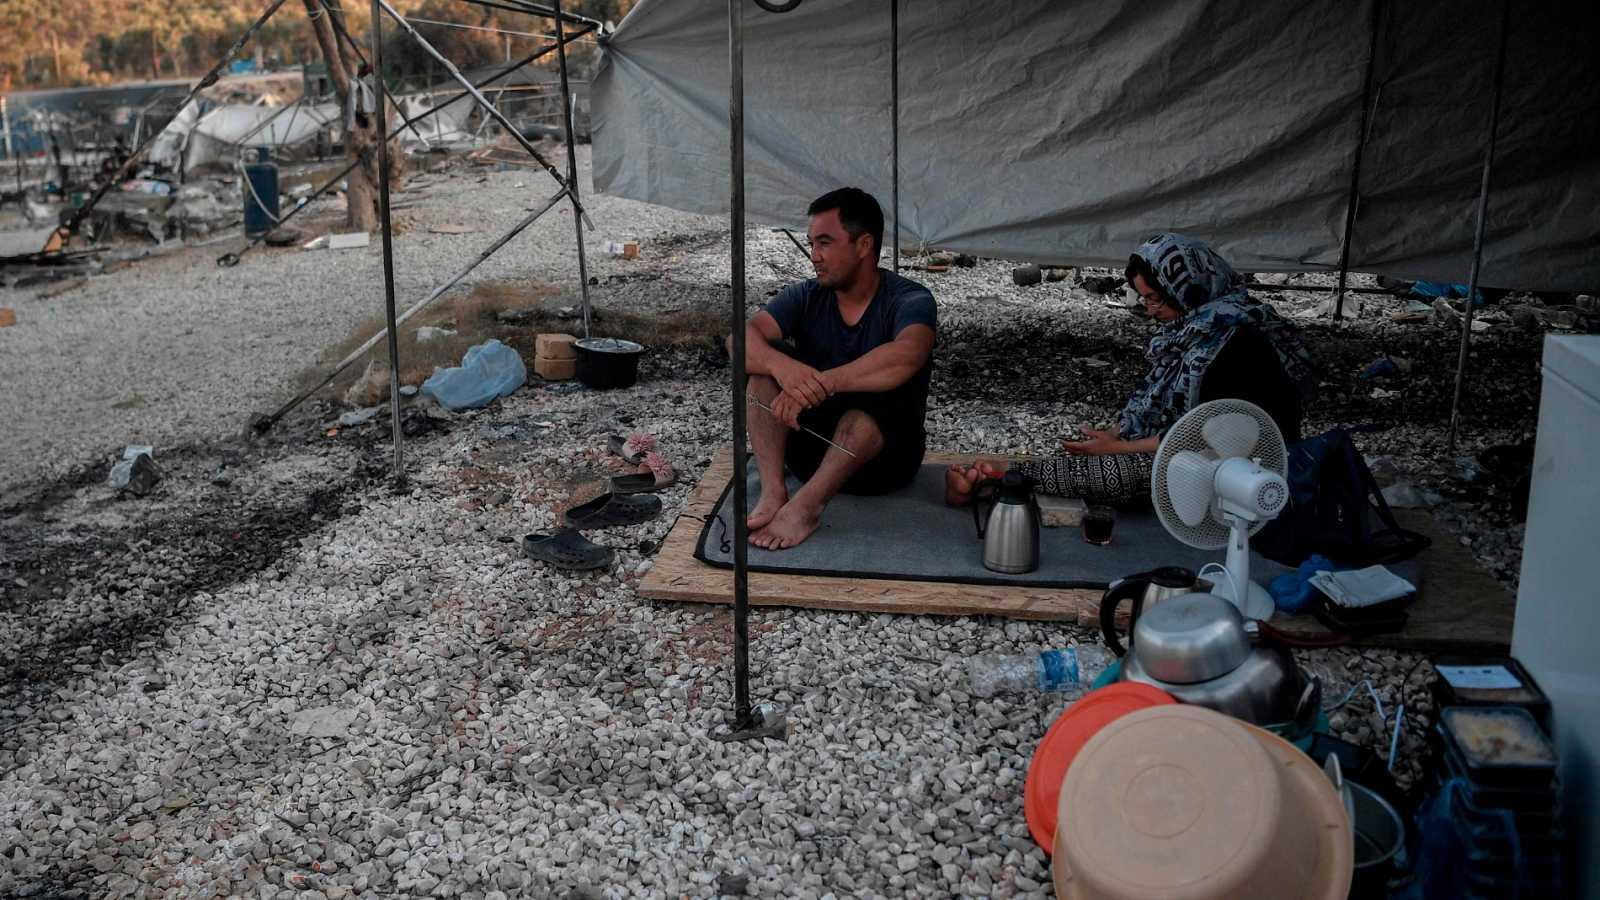 Aumenta la tensión entre los refugiados de la isla de Lesbos